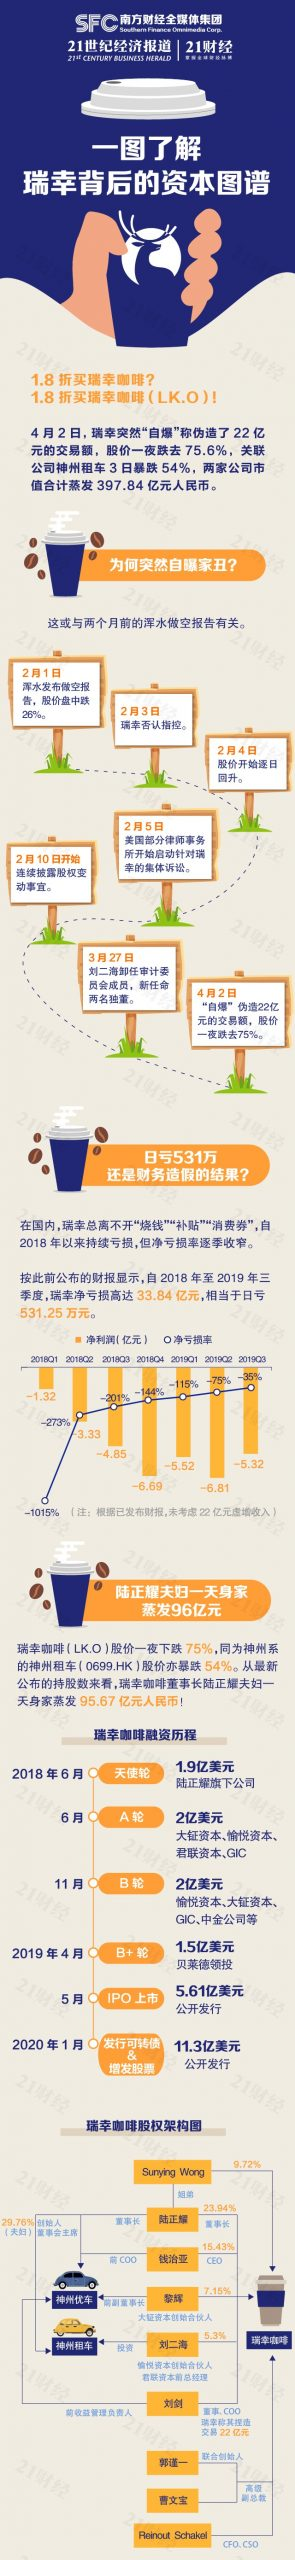 瑞幸咖啡继续停牌:股价跌了83%